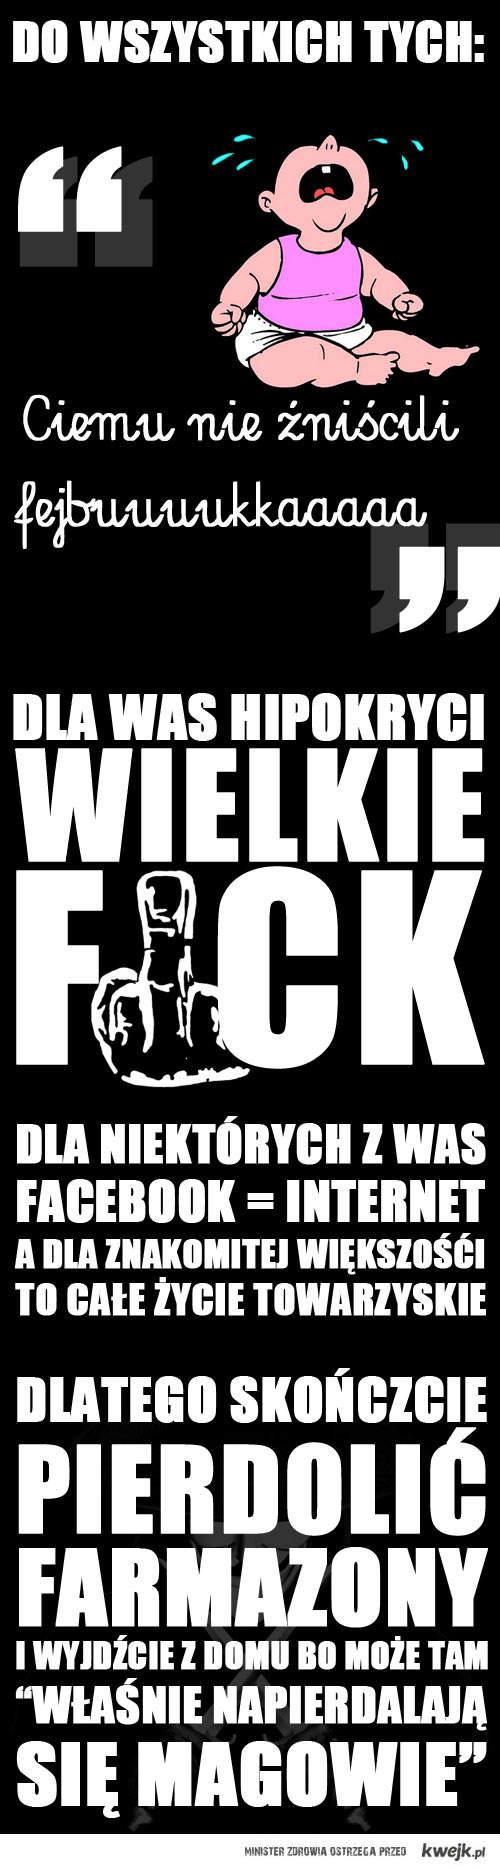 Do hipokrytów